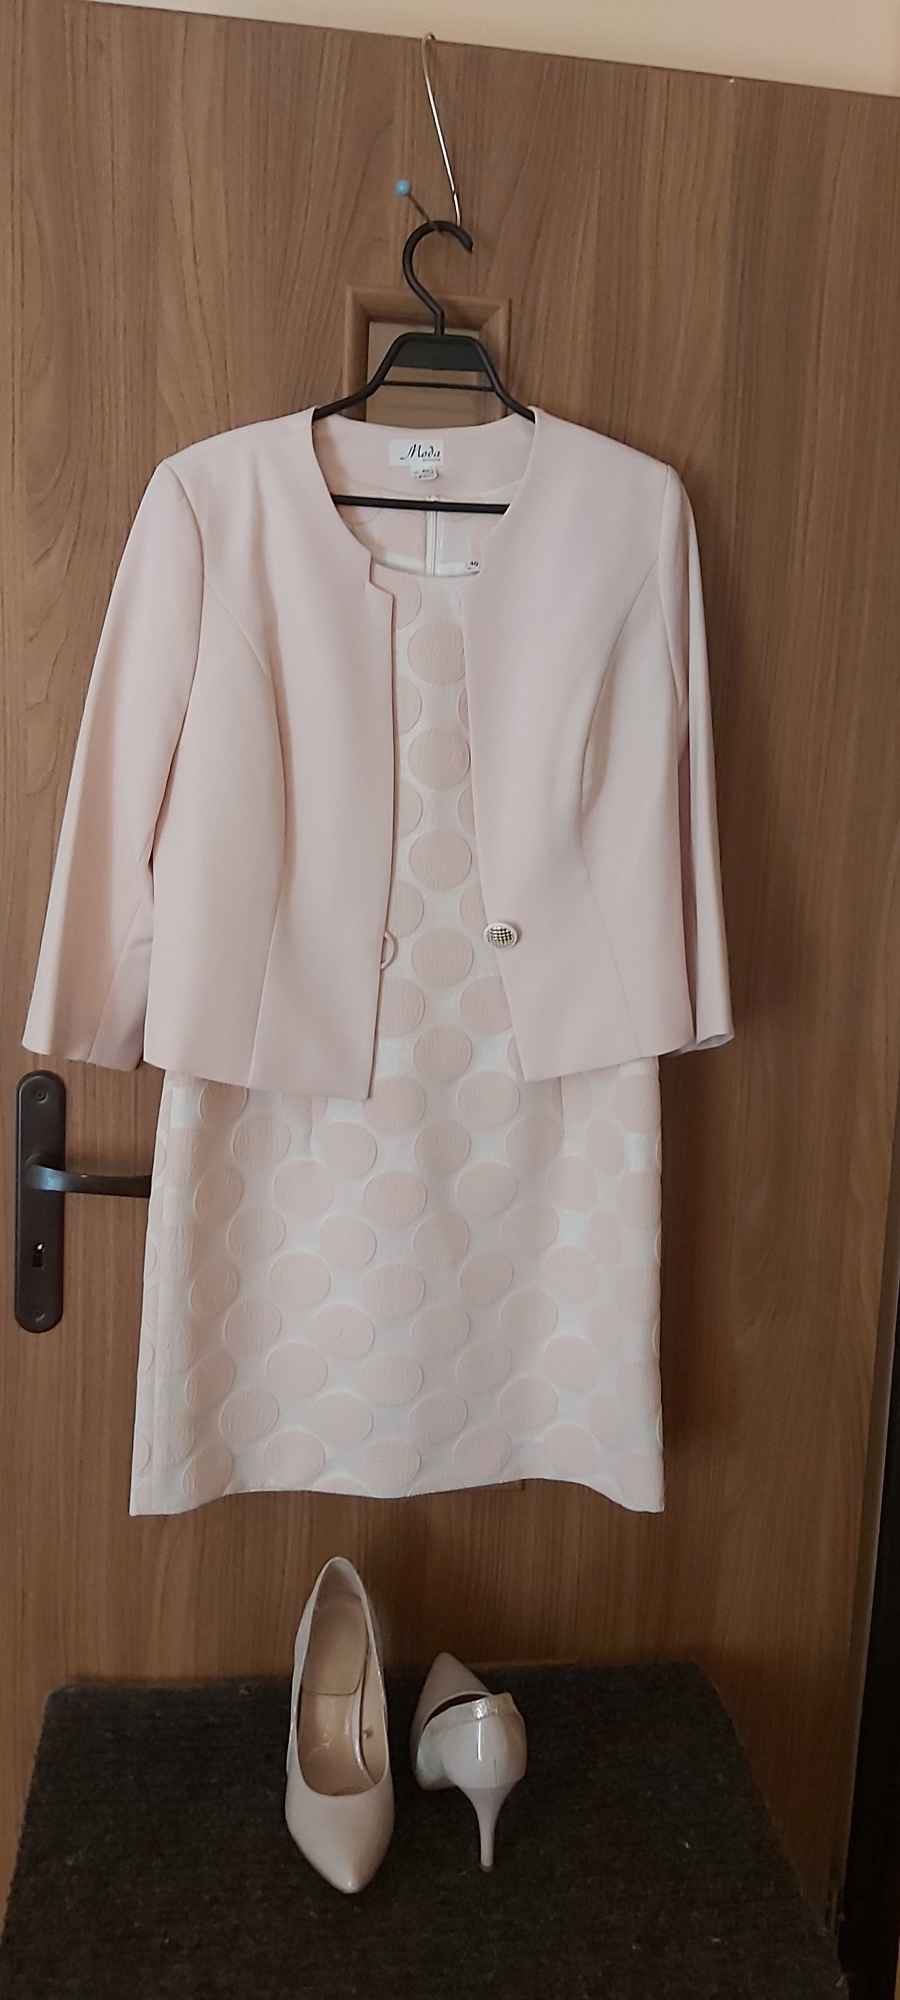 Ubrania sukienki Częstochowa - zdjęcie 3